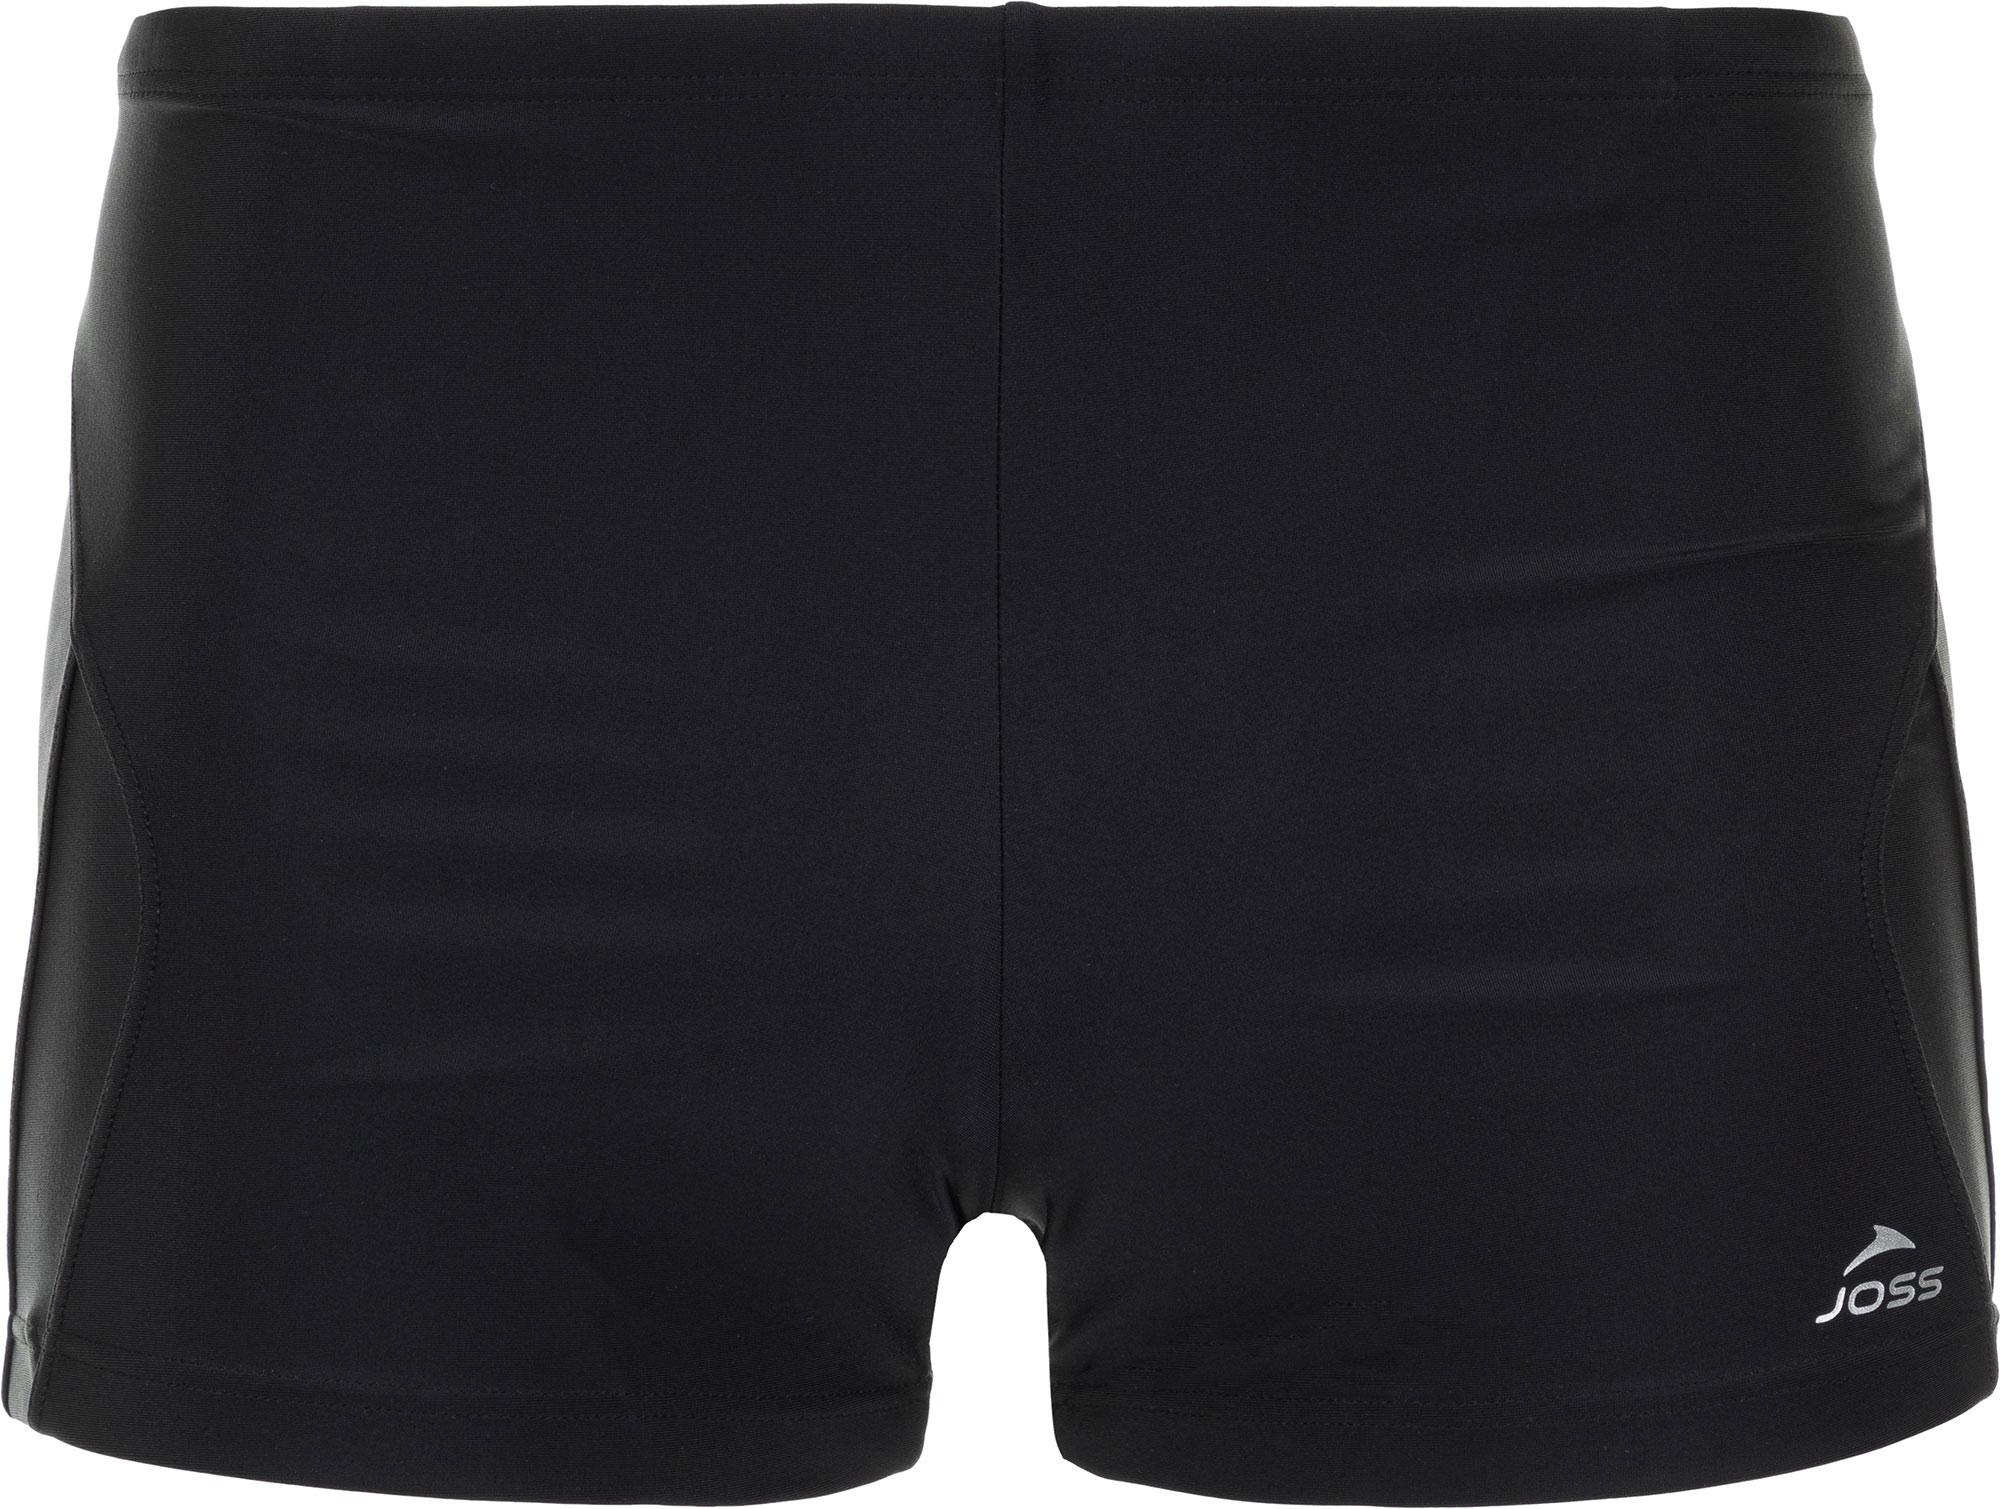 Joss Плавки-шорты мужские Joss, размер 52